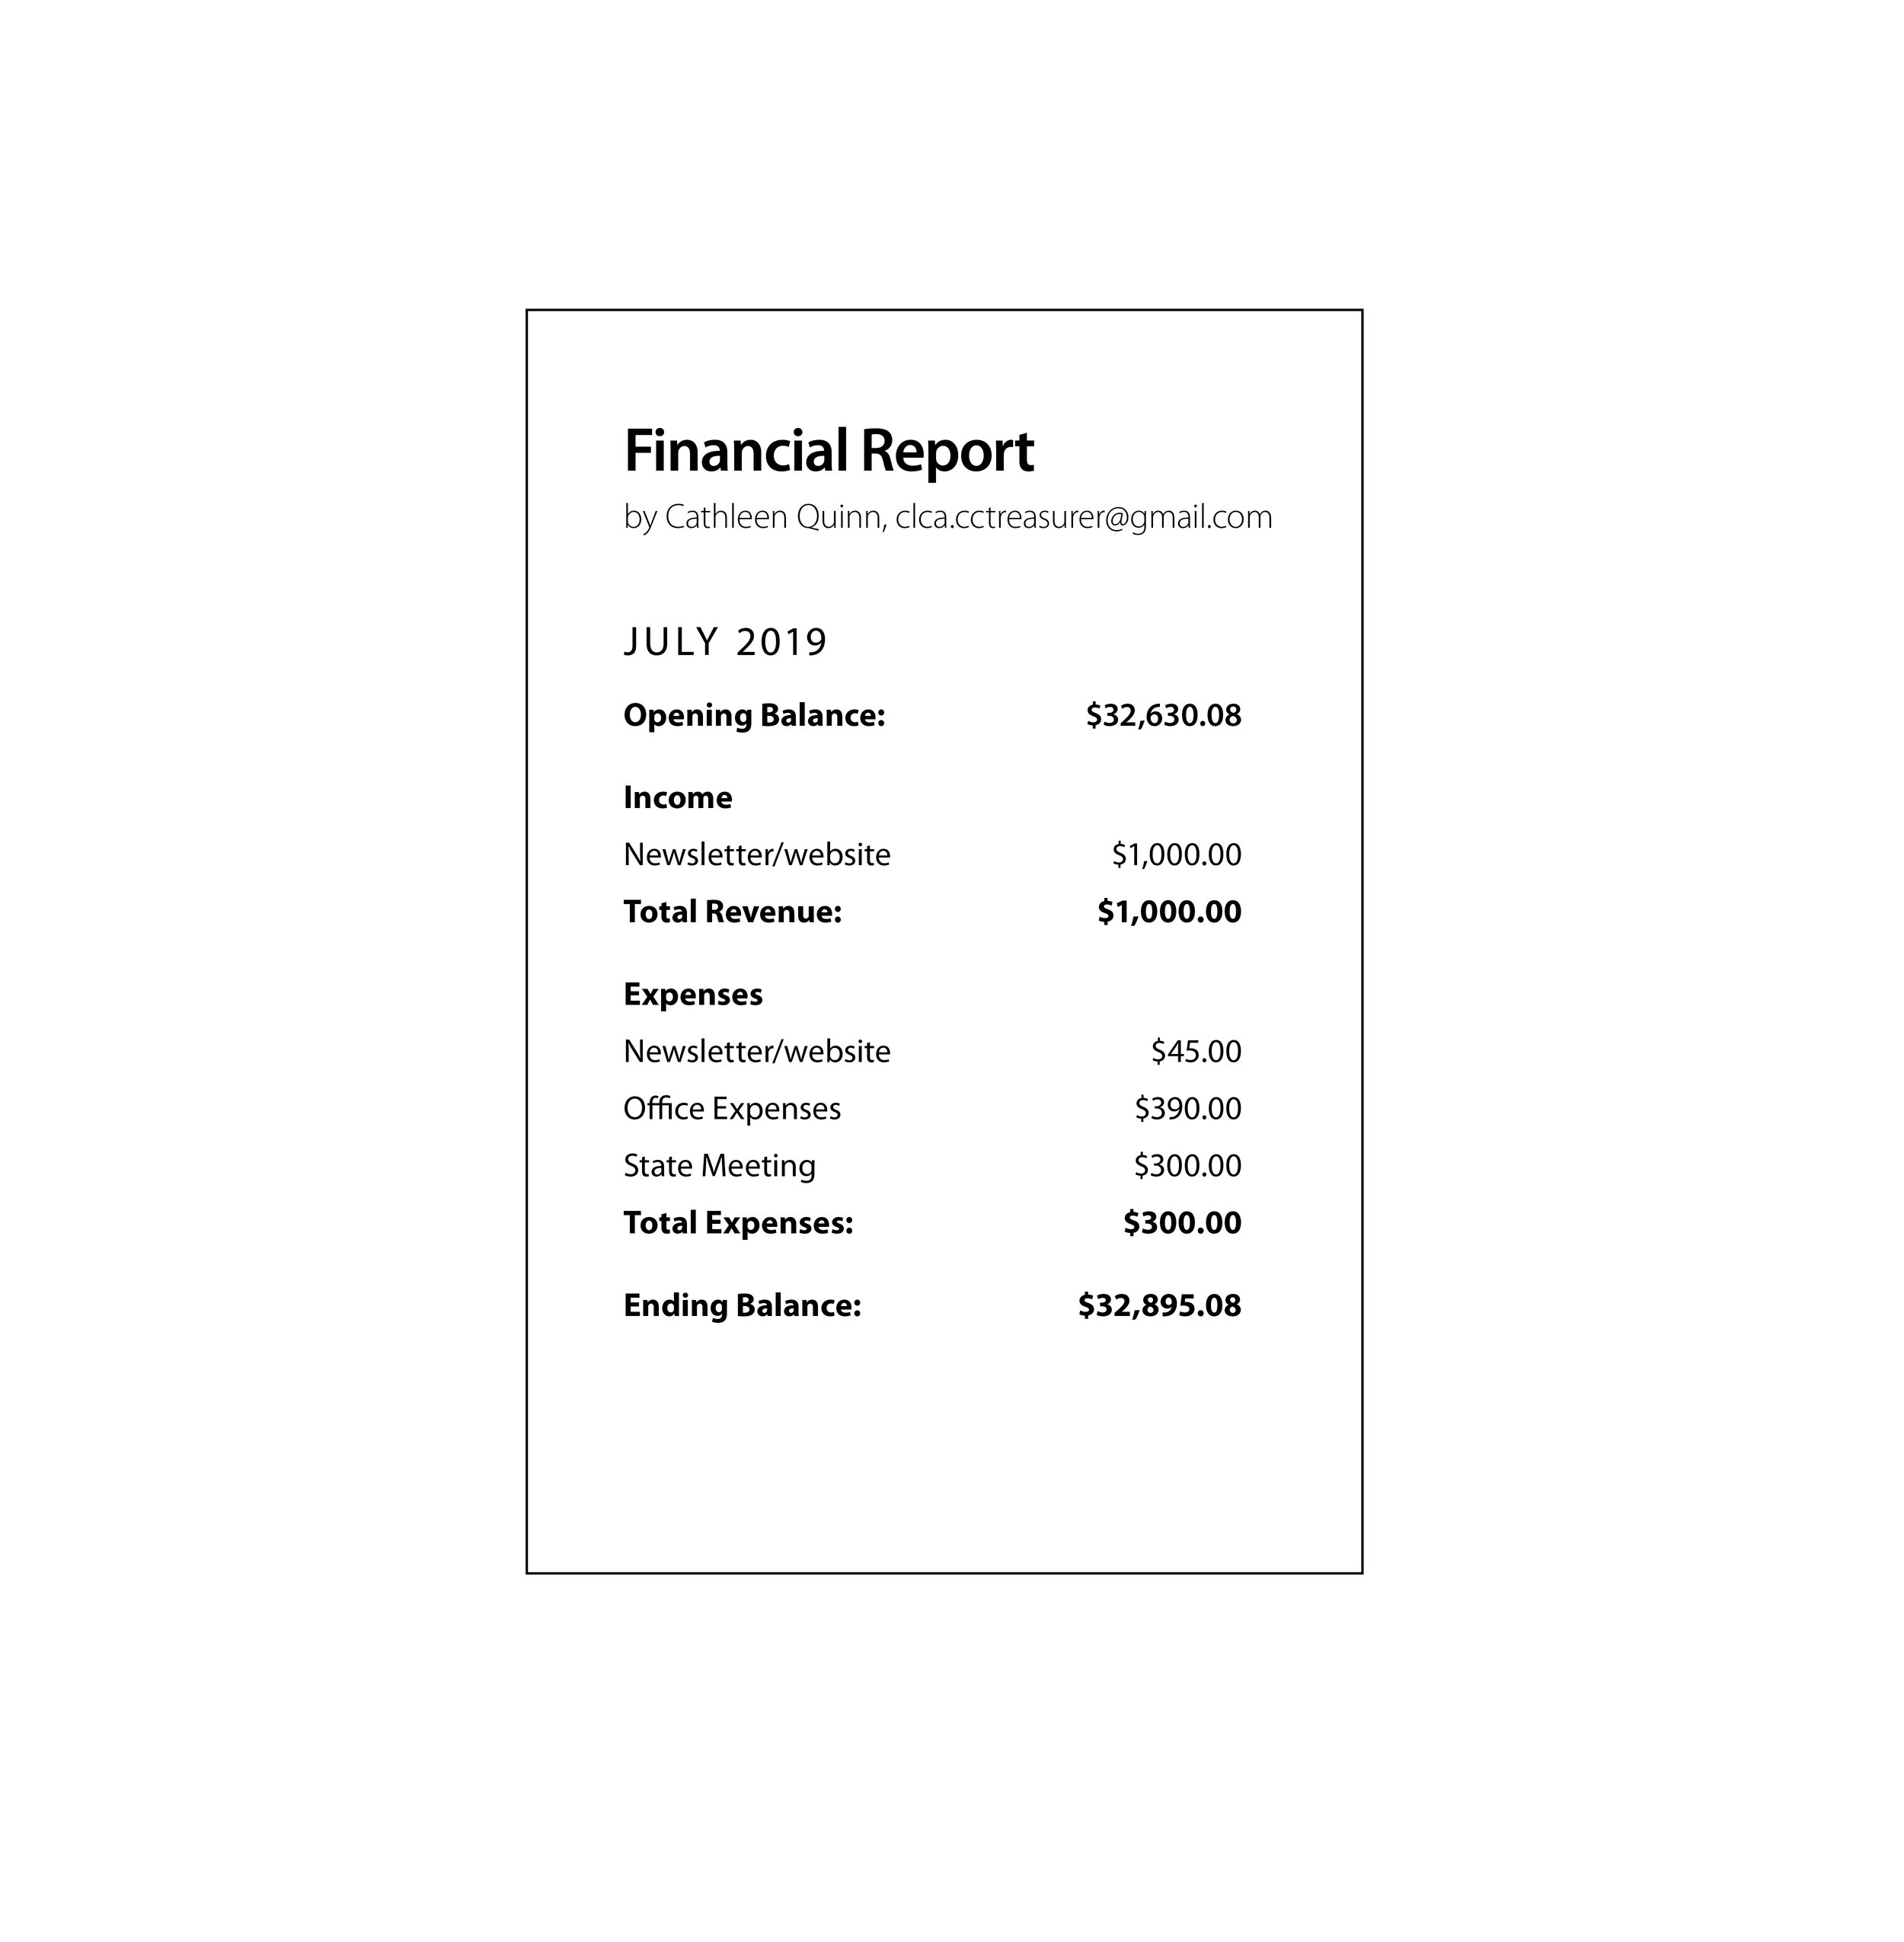 T_Report_JULY2019_eah.jpg